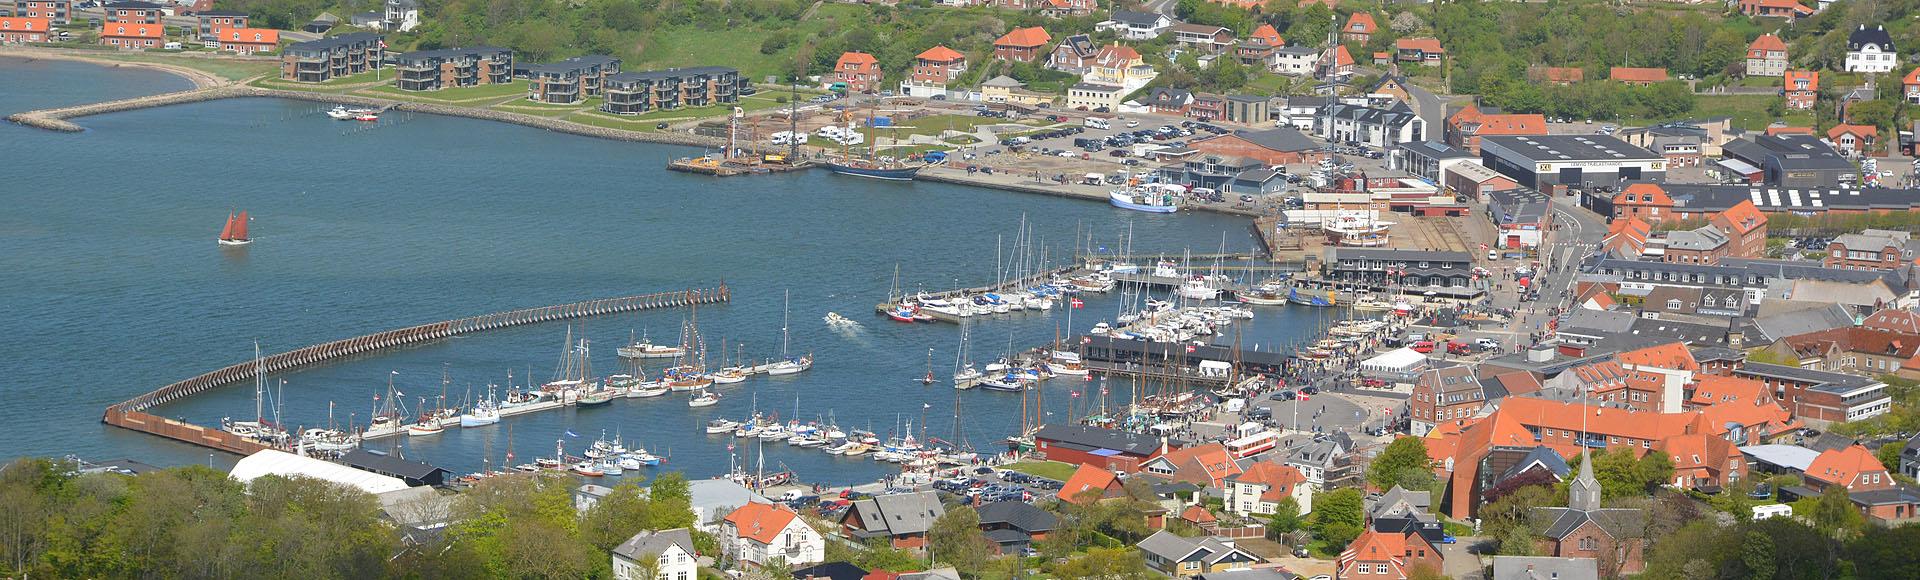 Luftfotos fra Lemvig